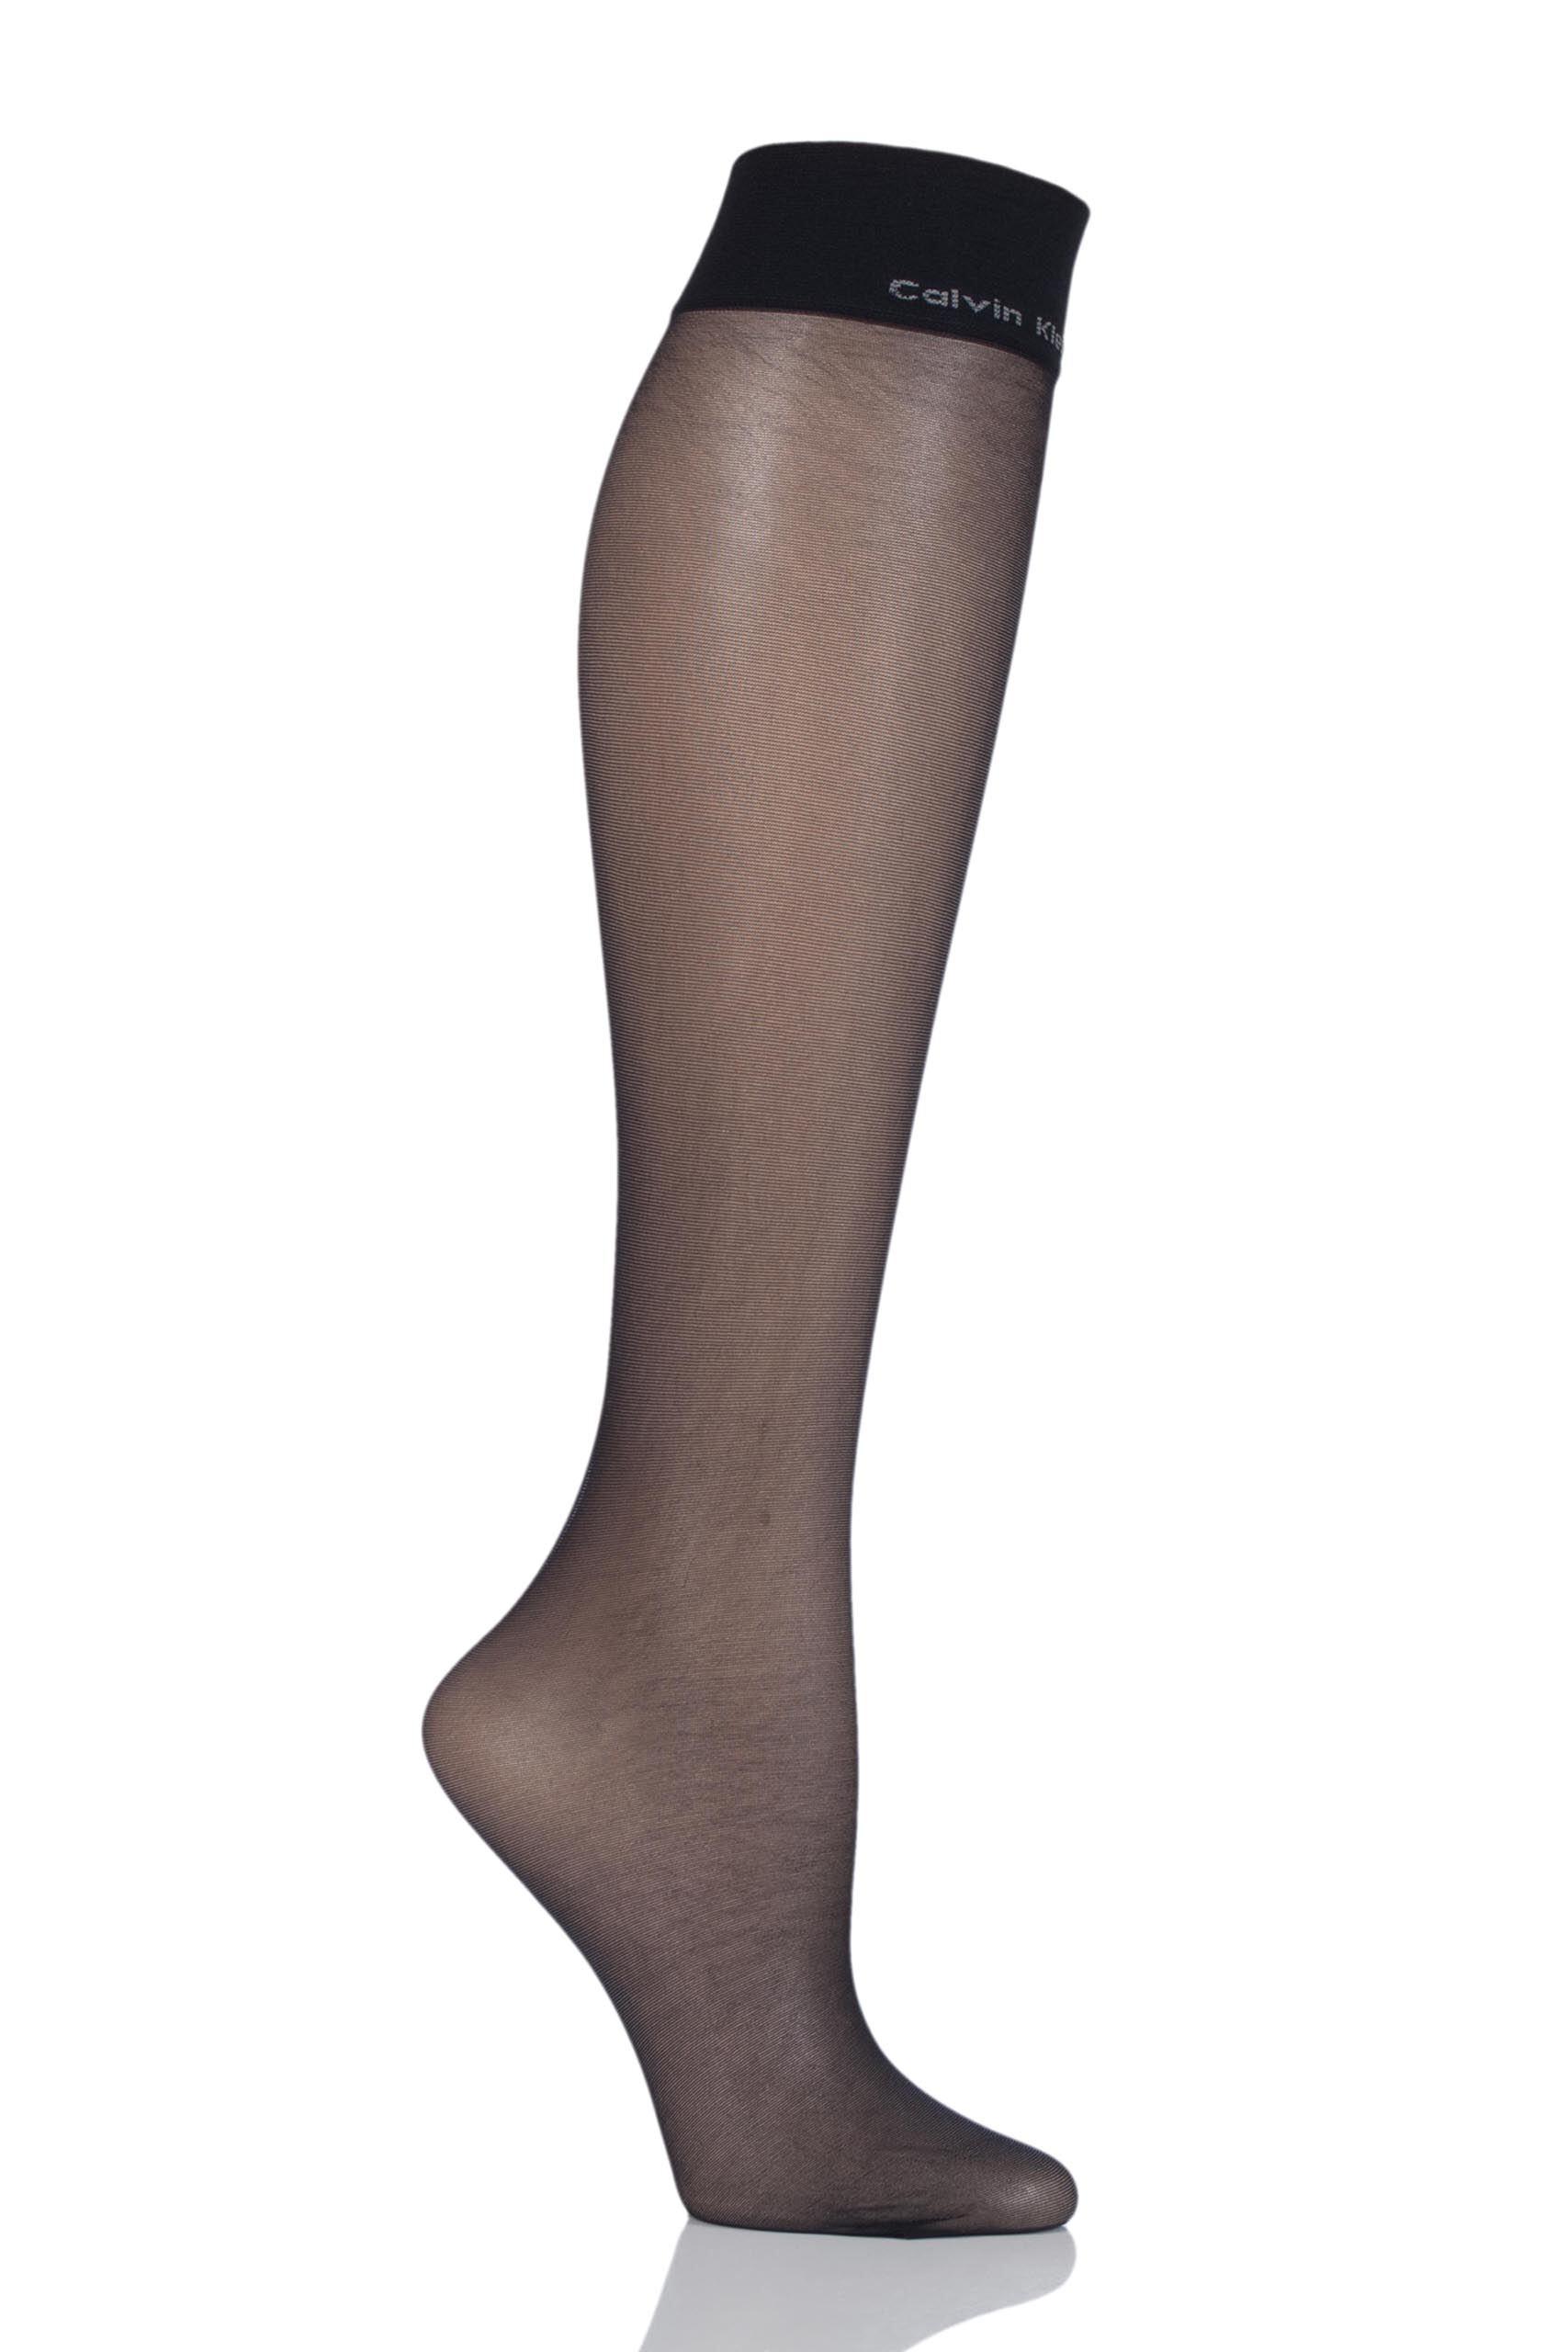 Image of 1 Pair Black Sheer Essentials 15 Denier Knee Highs Ladies One Size - Calvin Klein